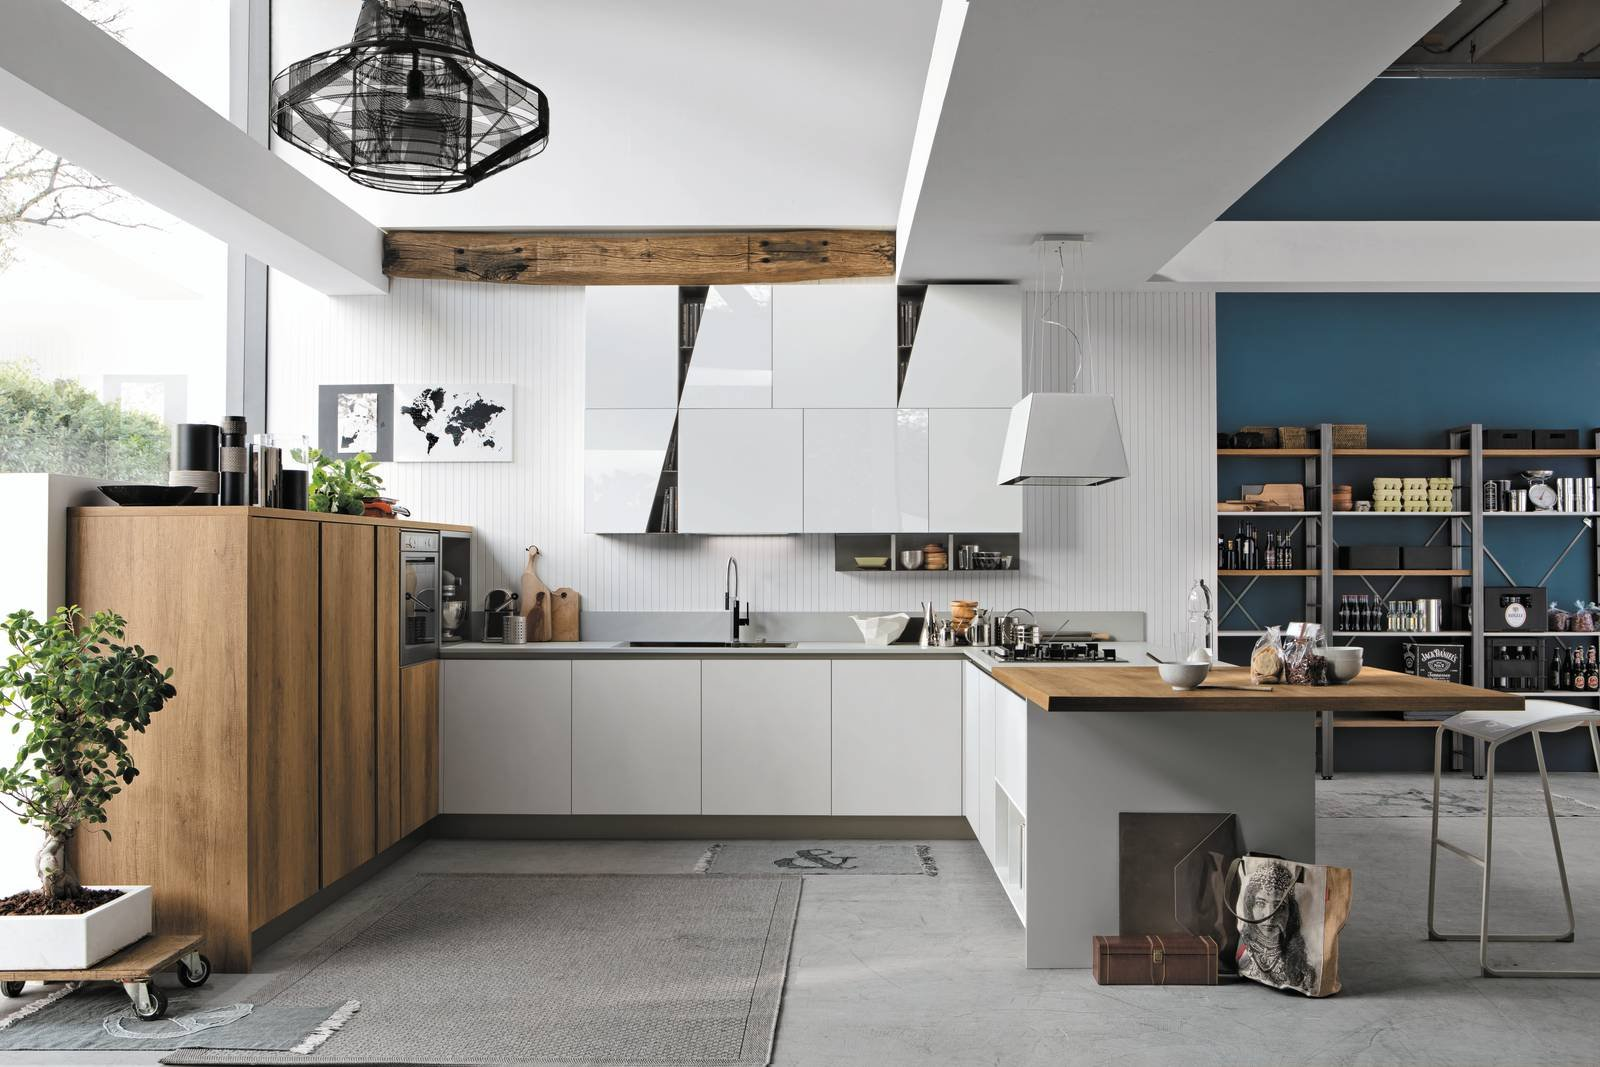 La cucina a u raccolta ergonomica funzionale cose di casa for Ad giornale di arredamento